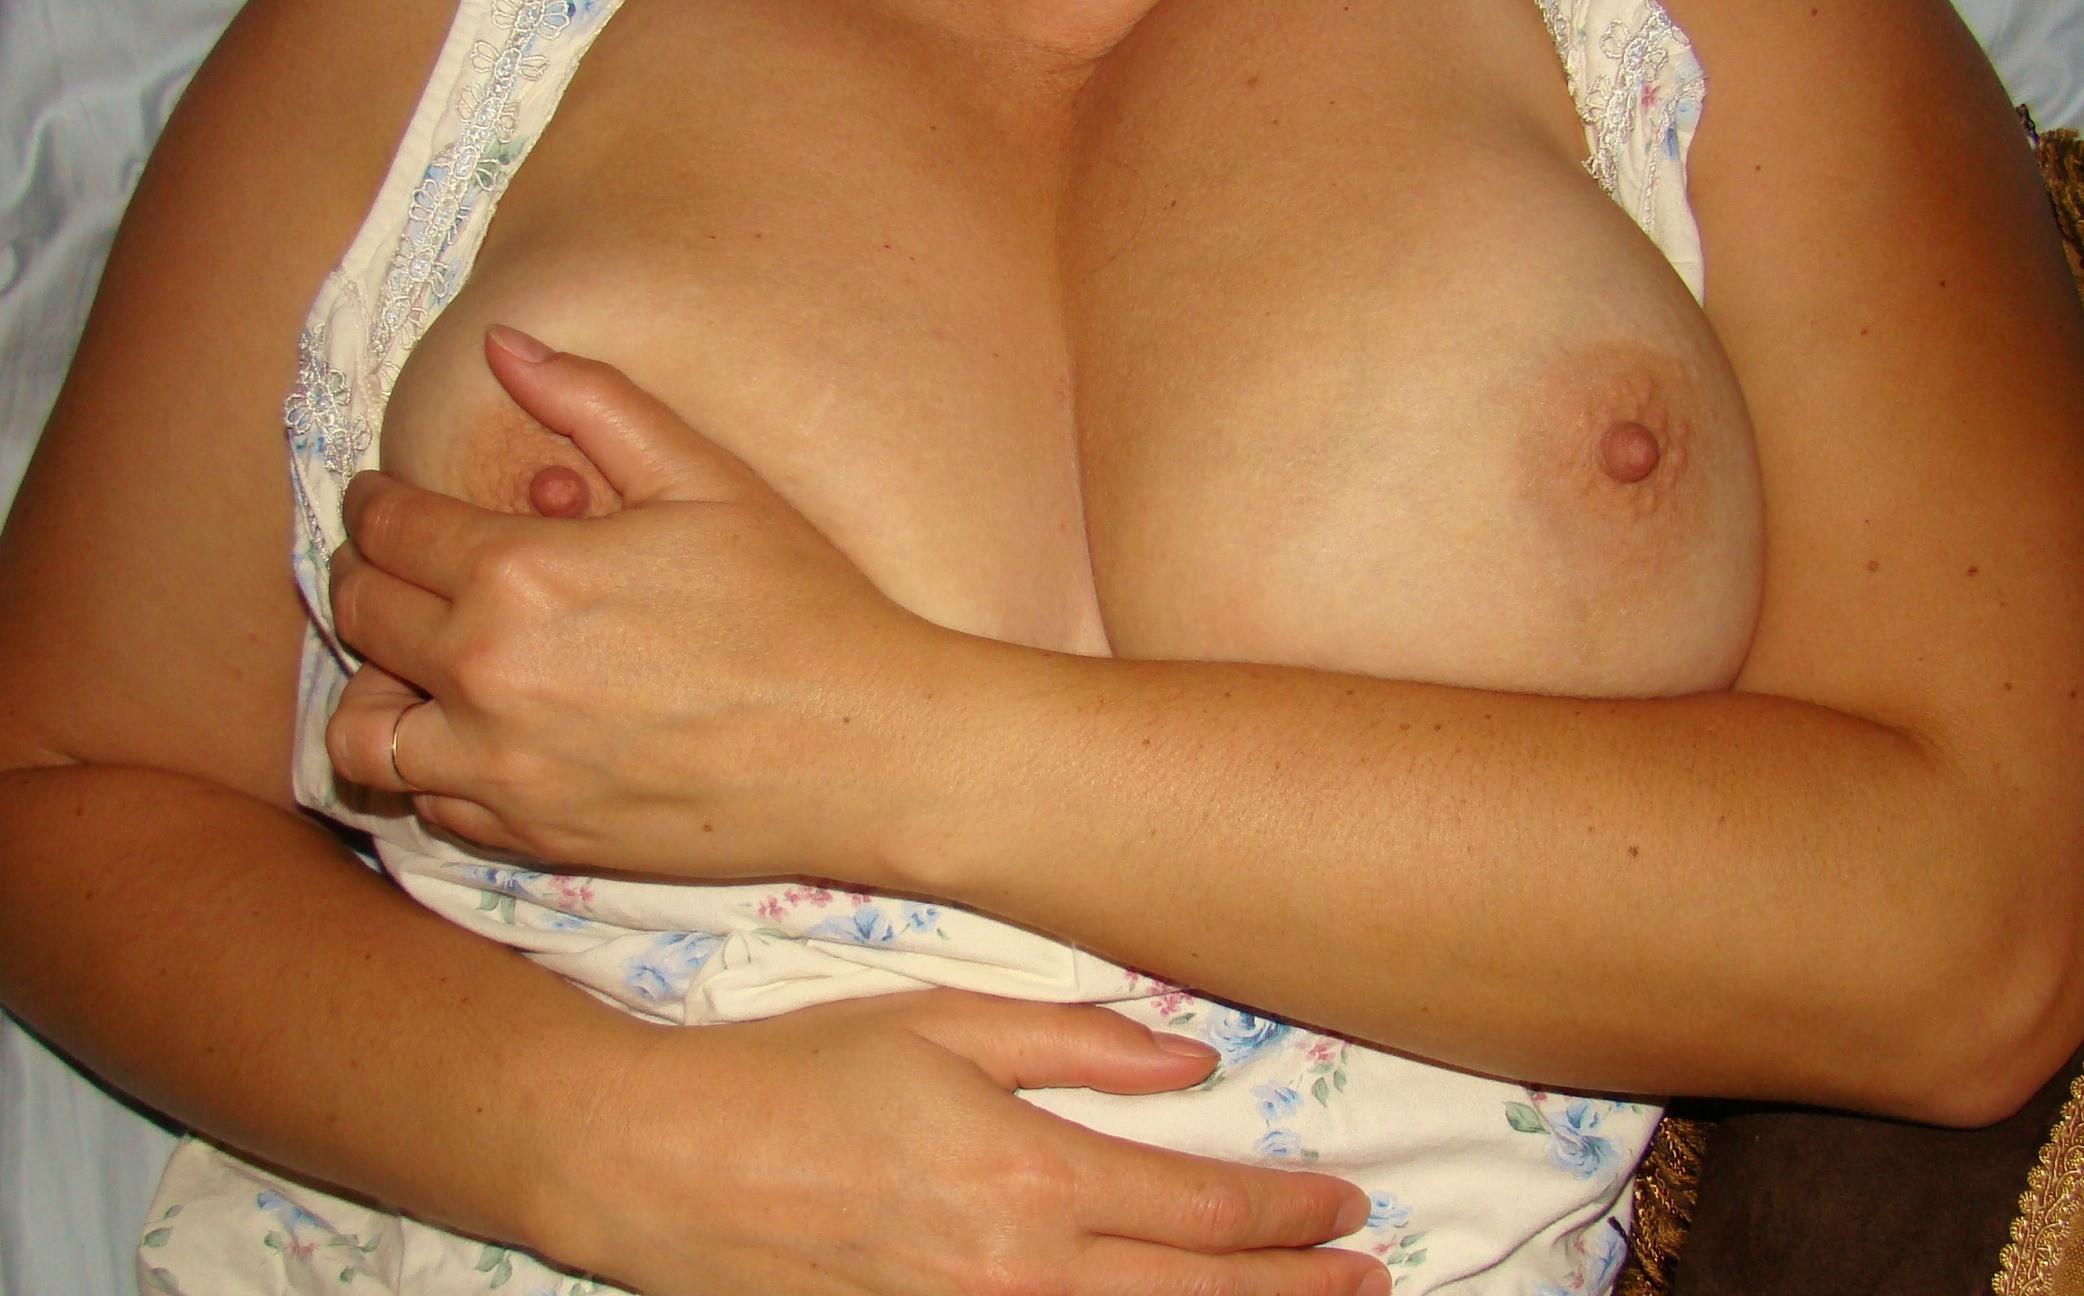 Женщина без стеснения показывает свое тело, несмотря на то, что она очень далека от идеала